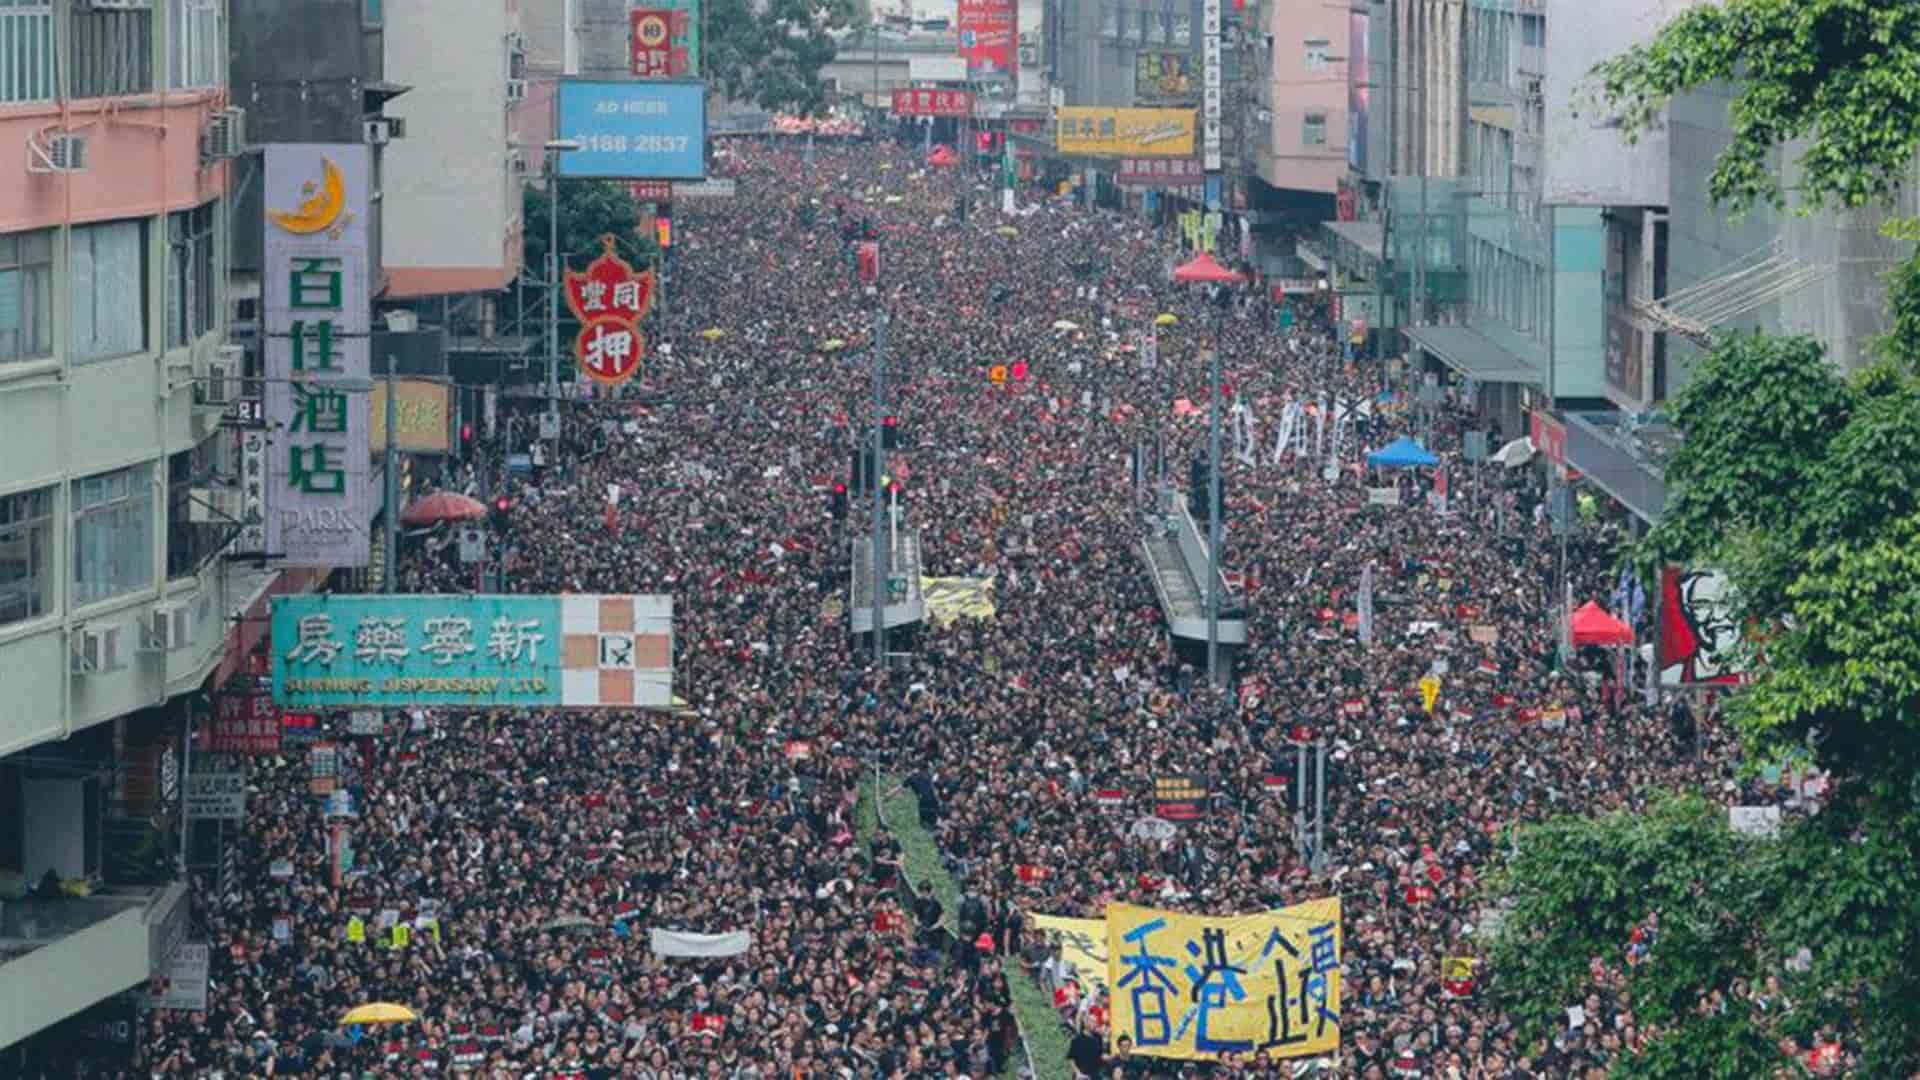 Le proteste di Hong Kong sono state tra le grandi manifestazioni della nostra epoca